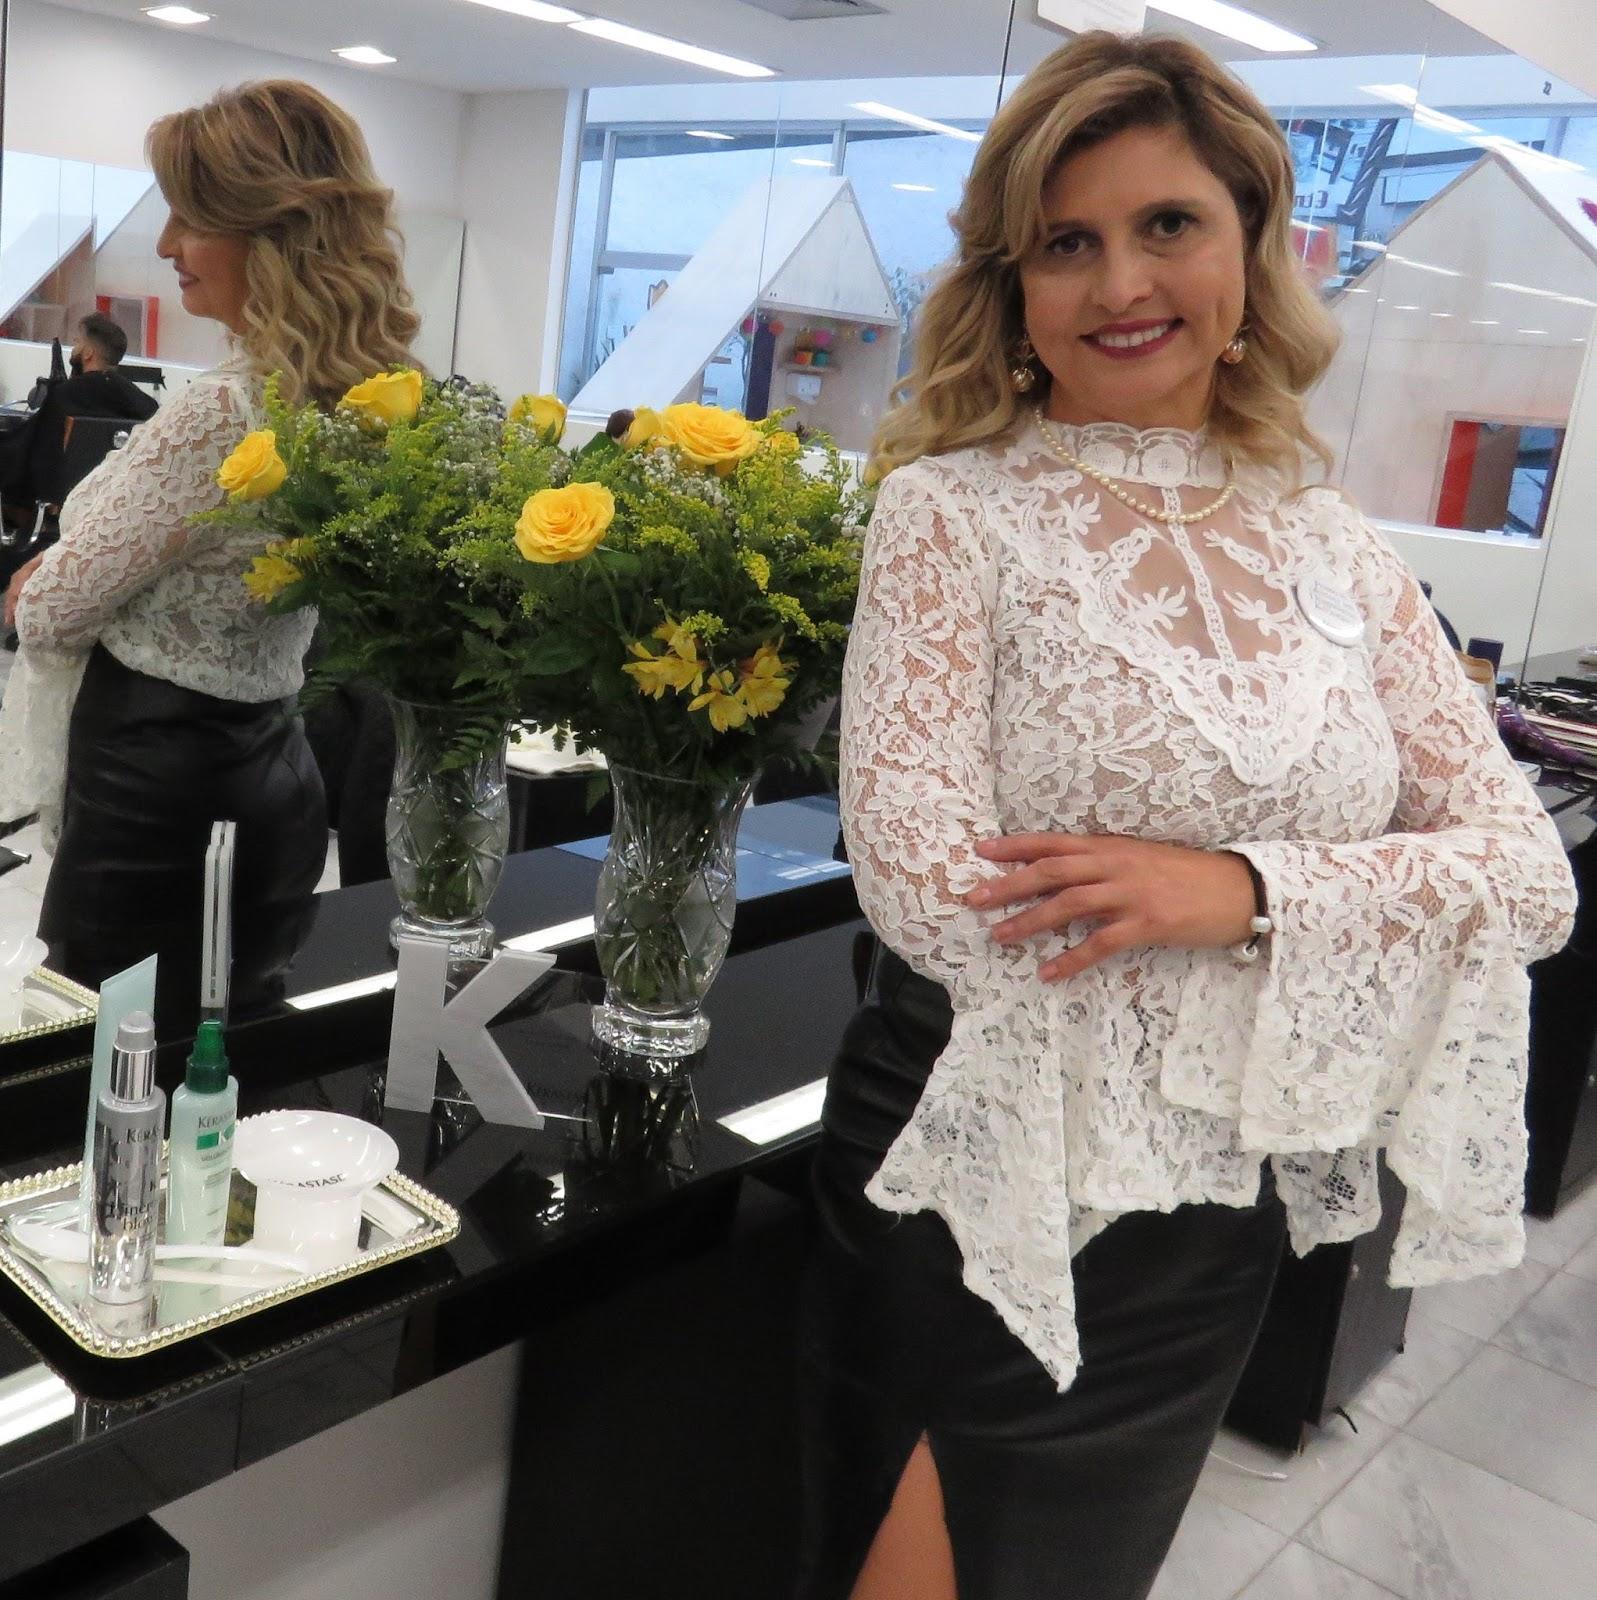 056fbf4ef A hair stylist Isabel Cristina é a nova parceira do Torriton Beauty   Hair.  Ela chega à unidade Presidente Taunay com expertise de mais de 30 anos